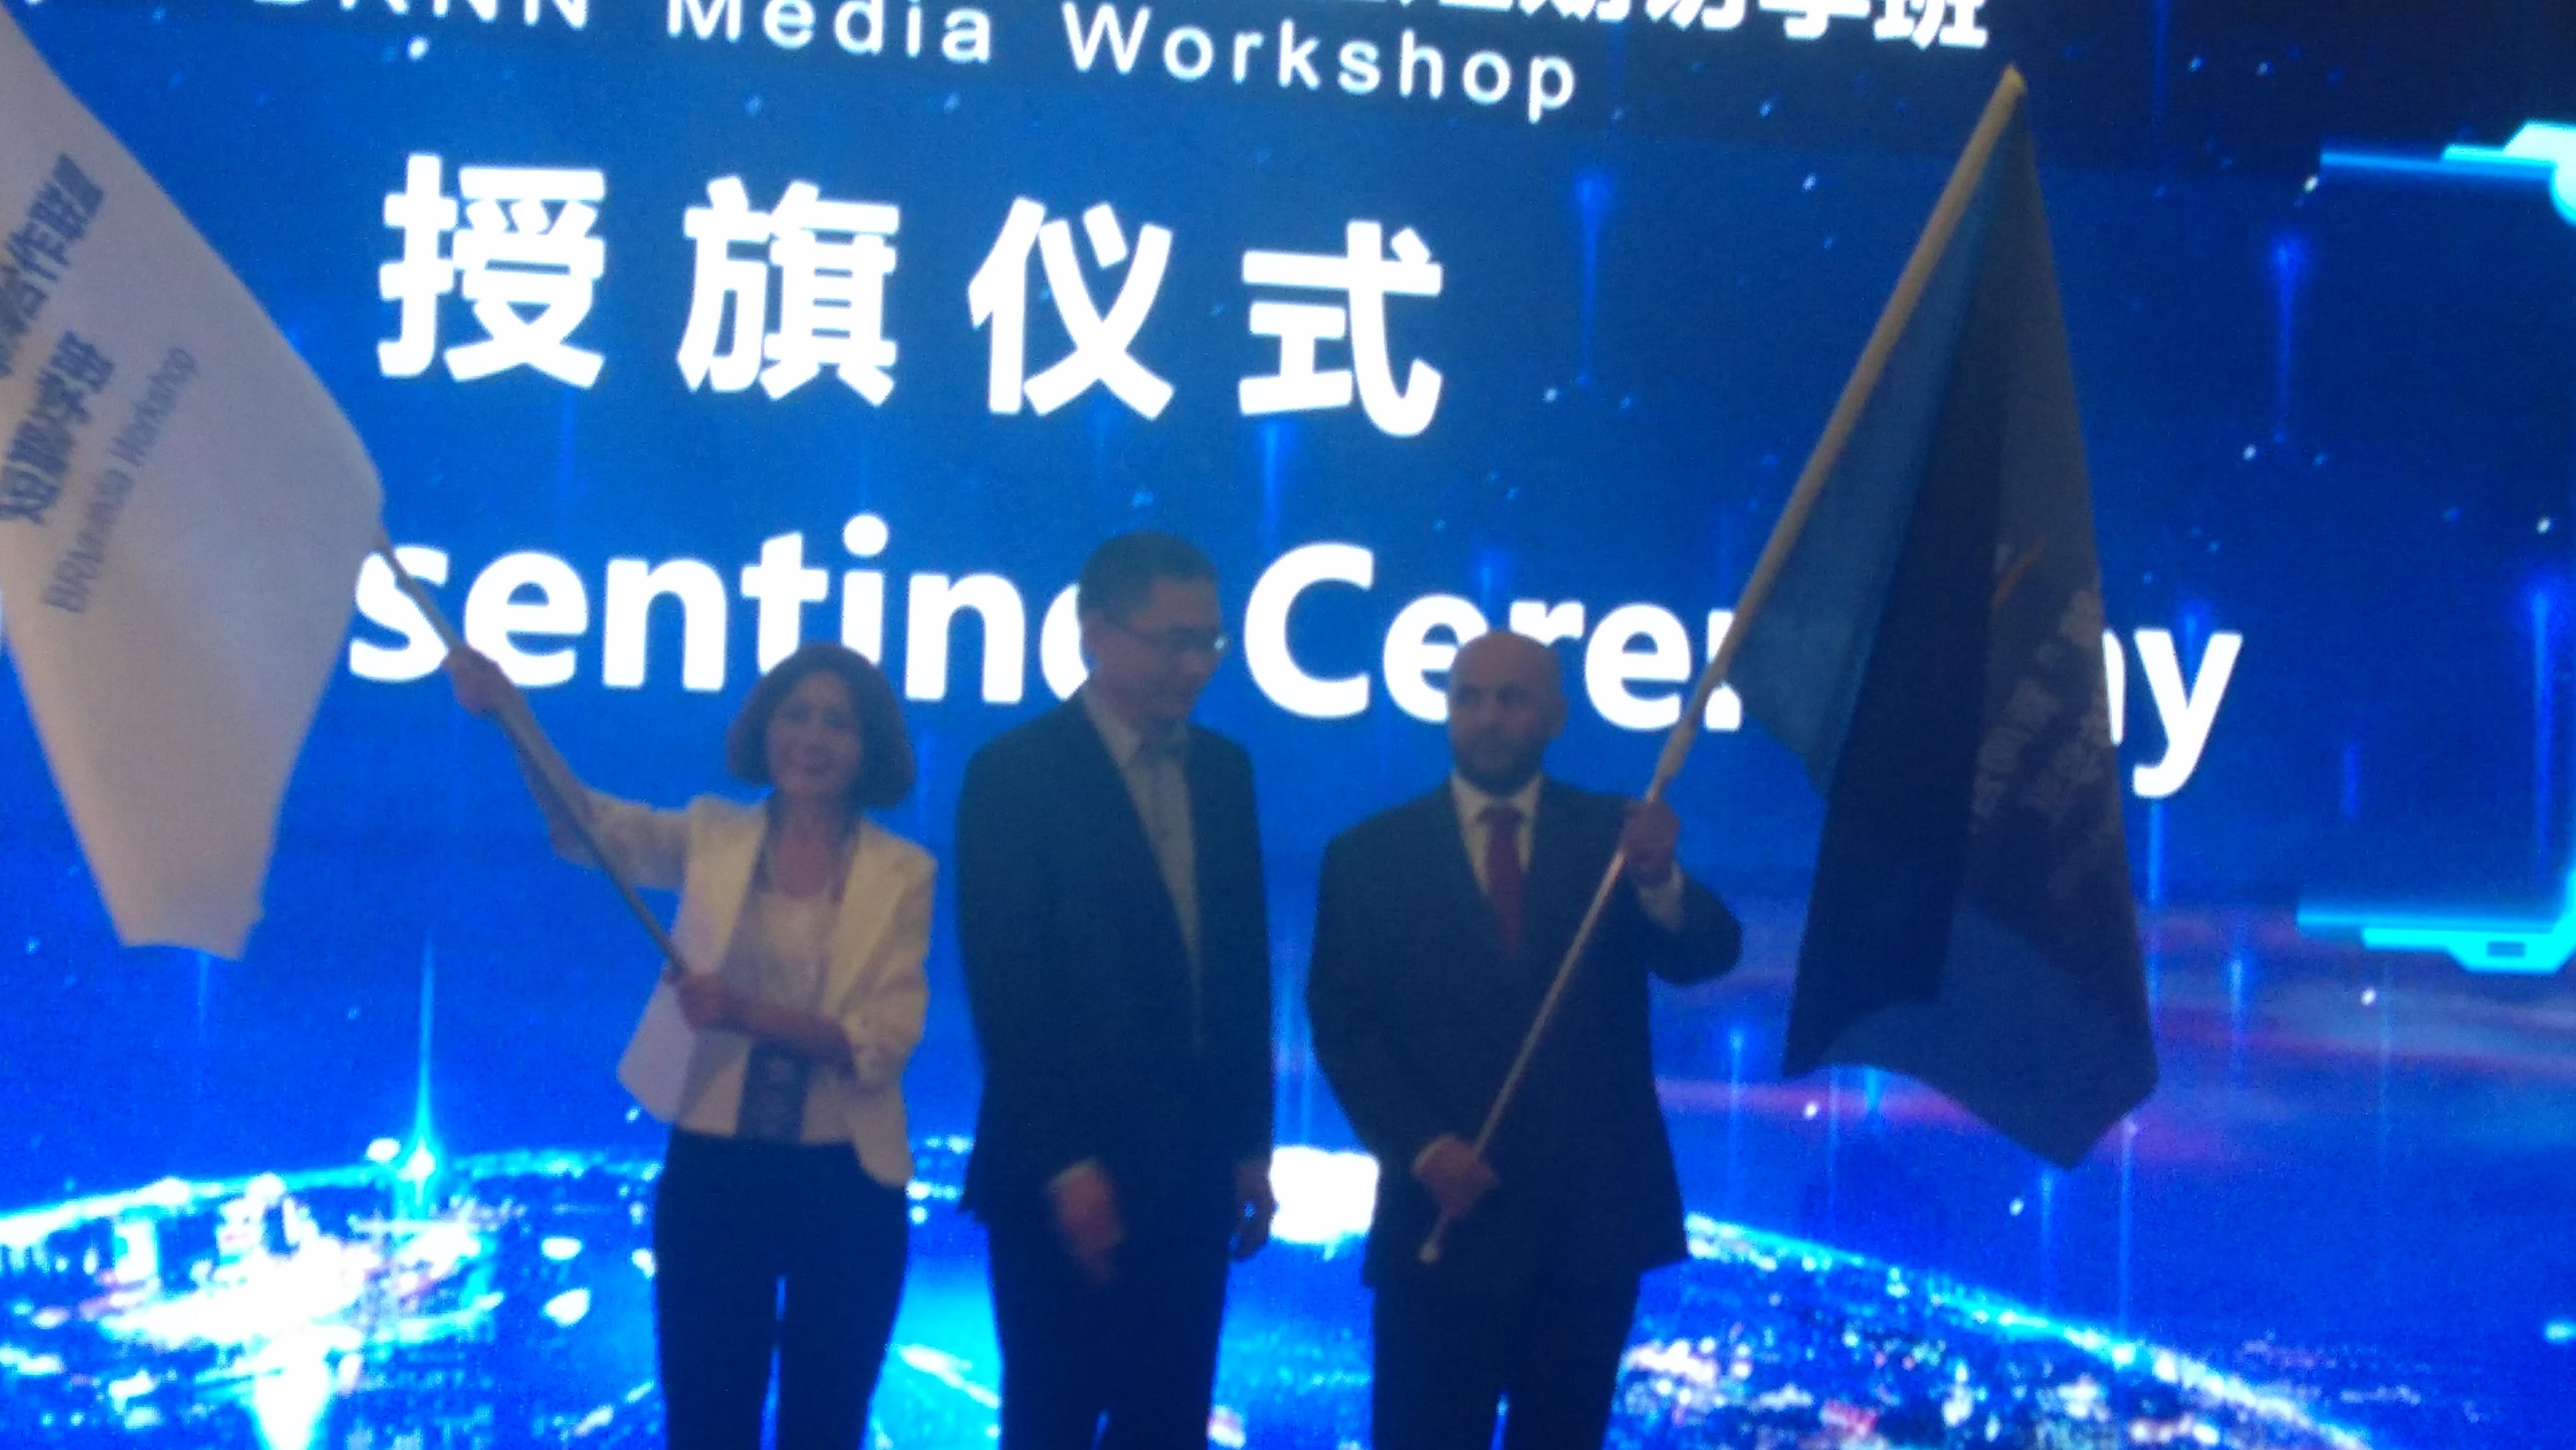 انطلاق فعاليات ندوة الإعلام لمنتدى الحزام والطريق فى بكين  (6)